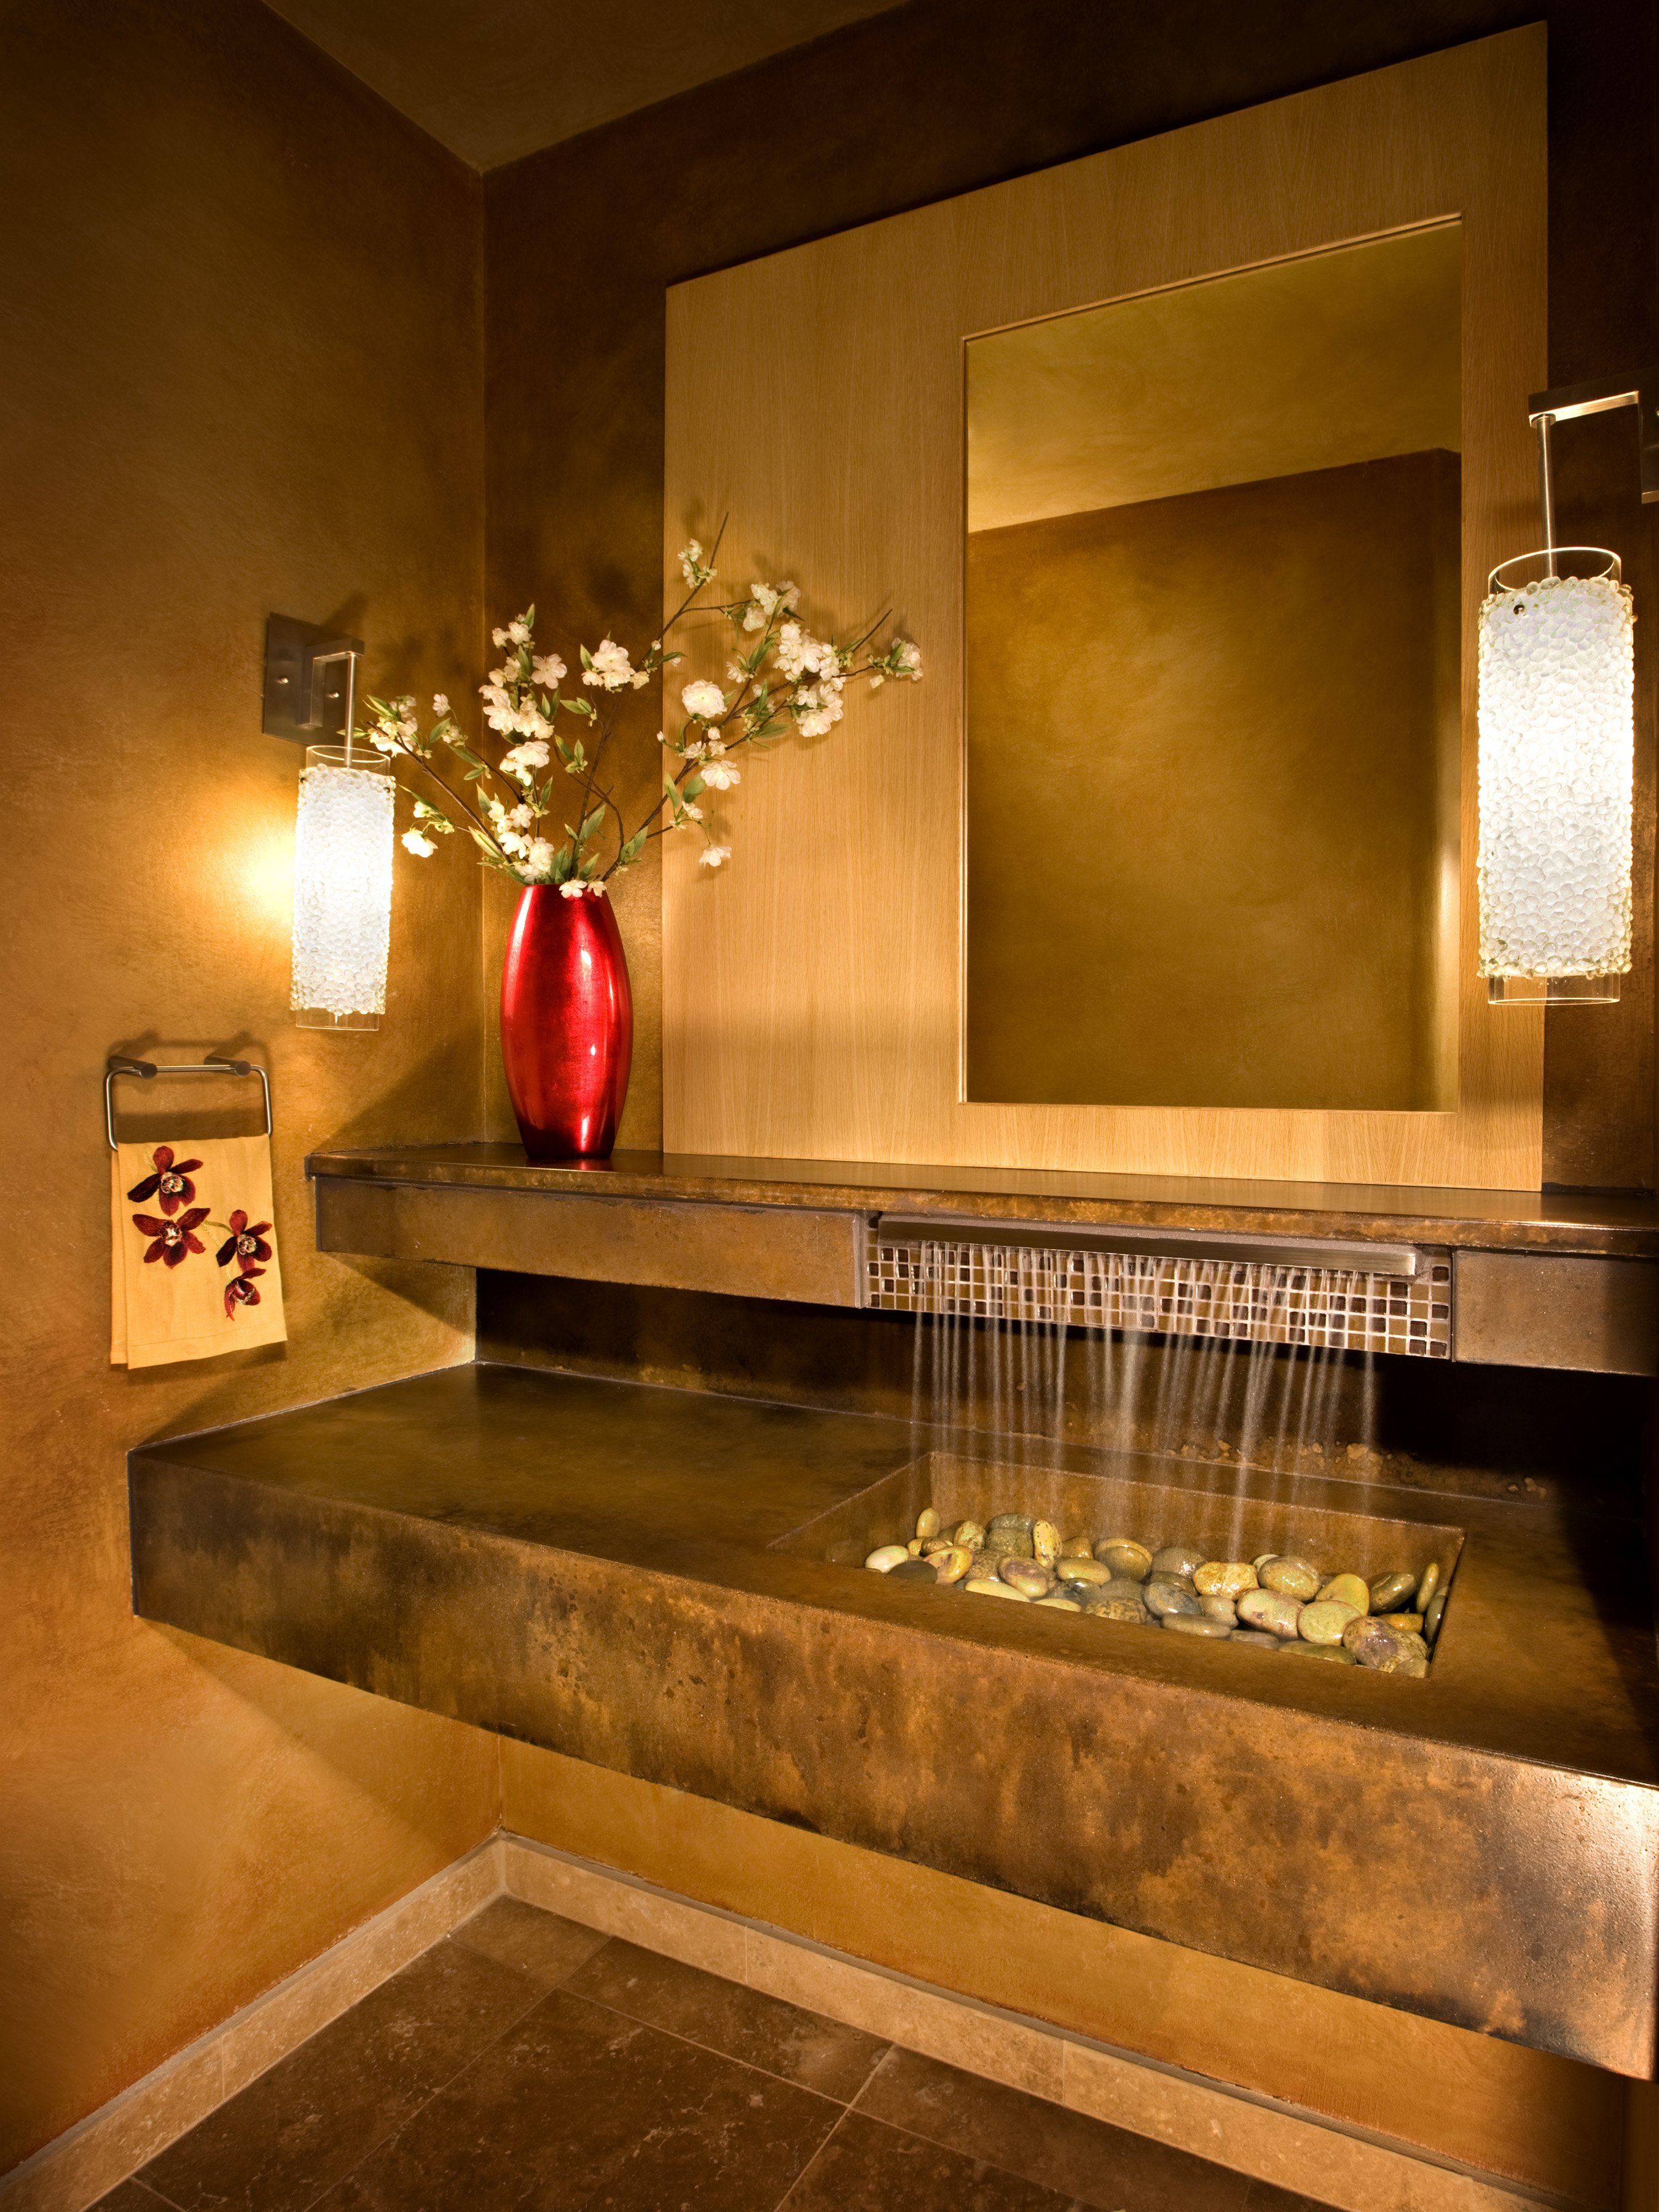 Increíbles y novedosos diseños en lavabos para baño o cocina on Small:j8V-Fokdwly= Bathroom Renovation Ideas  id=87837